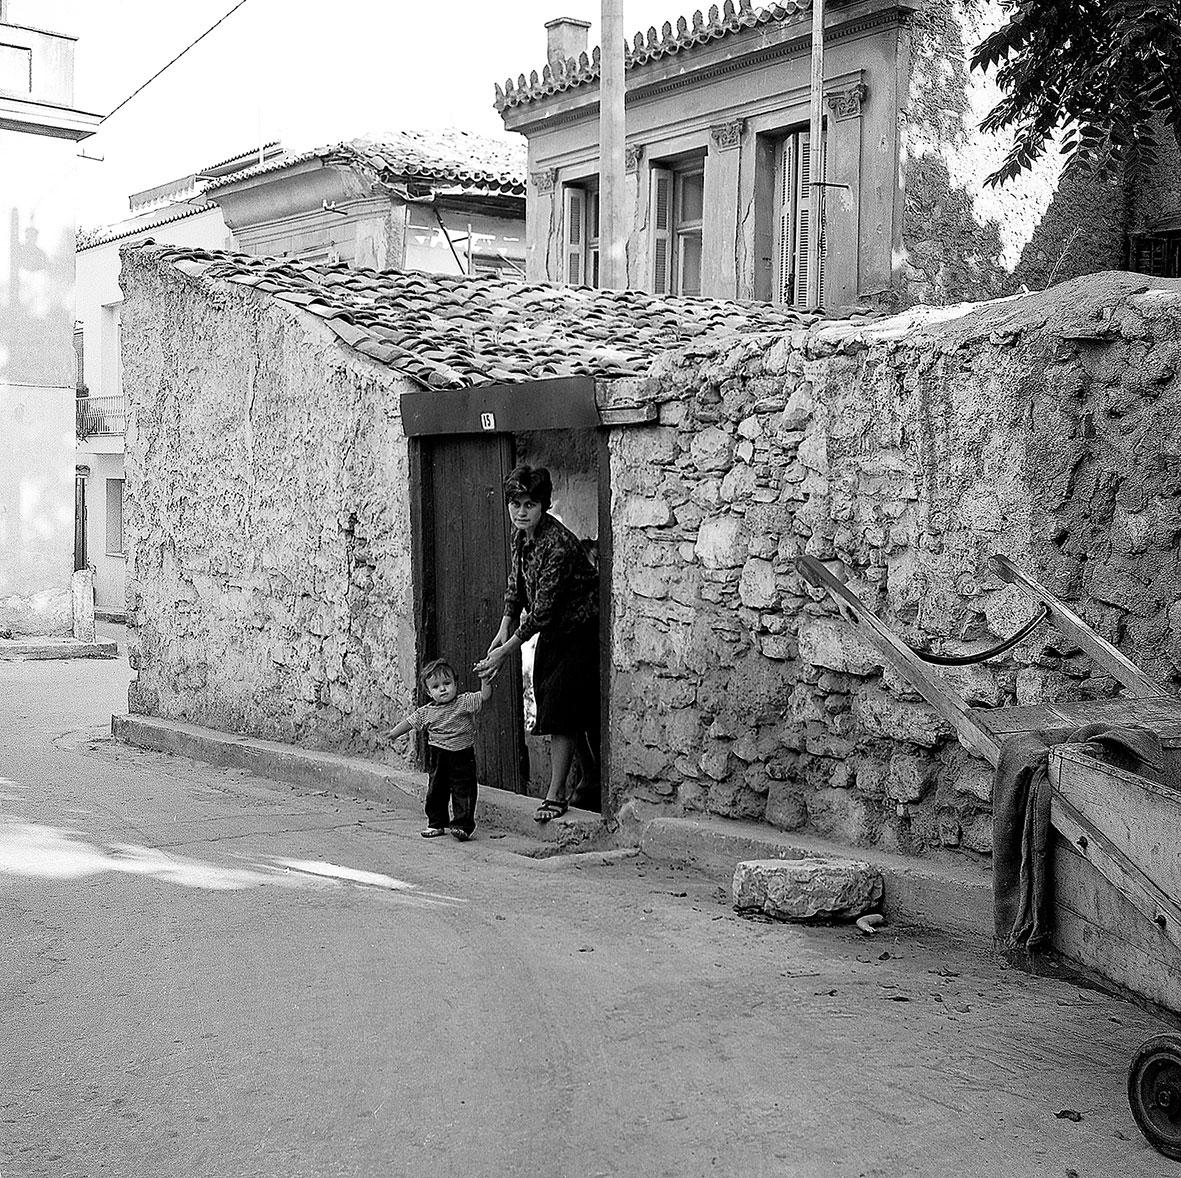 Φωτογραφικό ταξίδι στην Αθήνα του '60